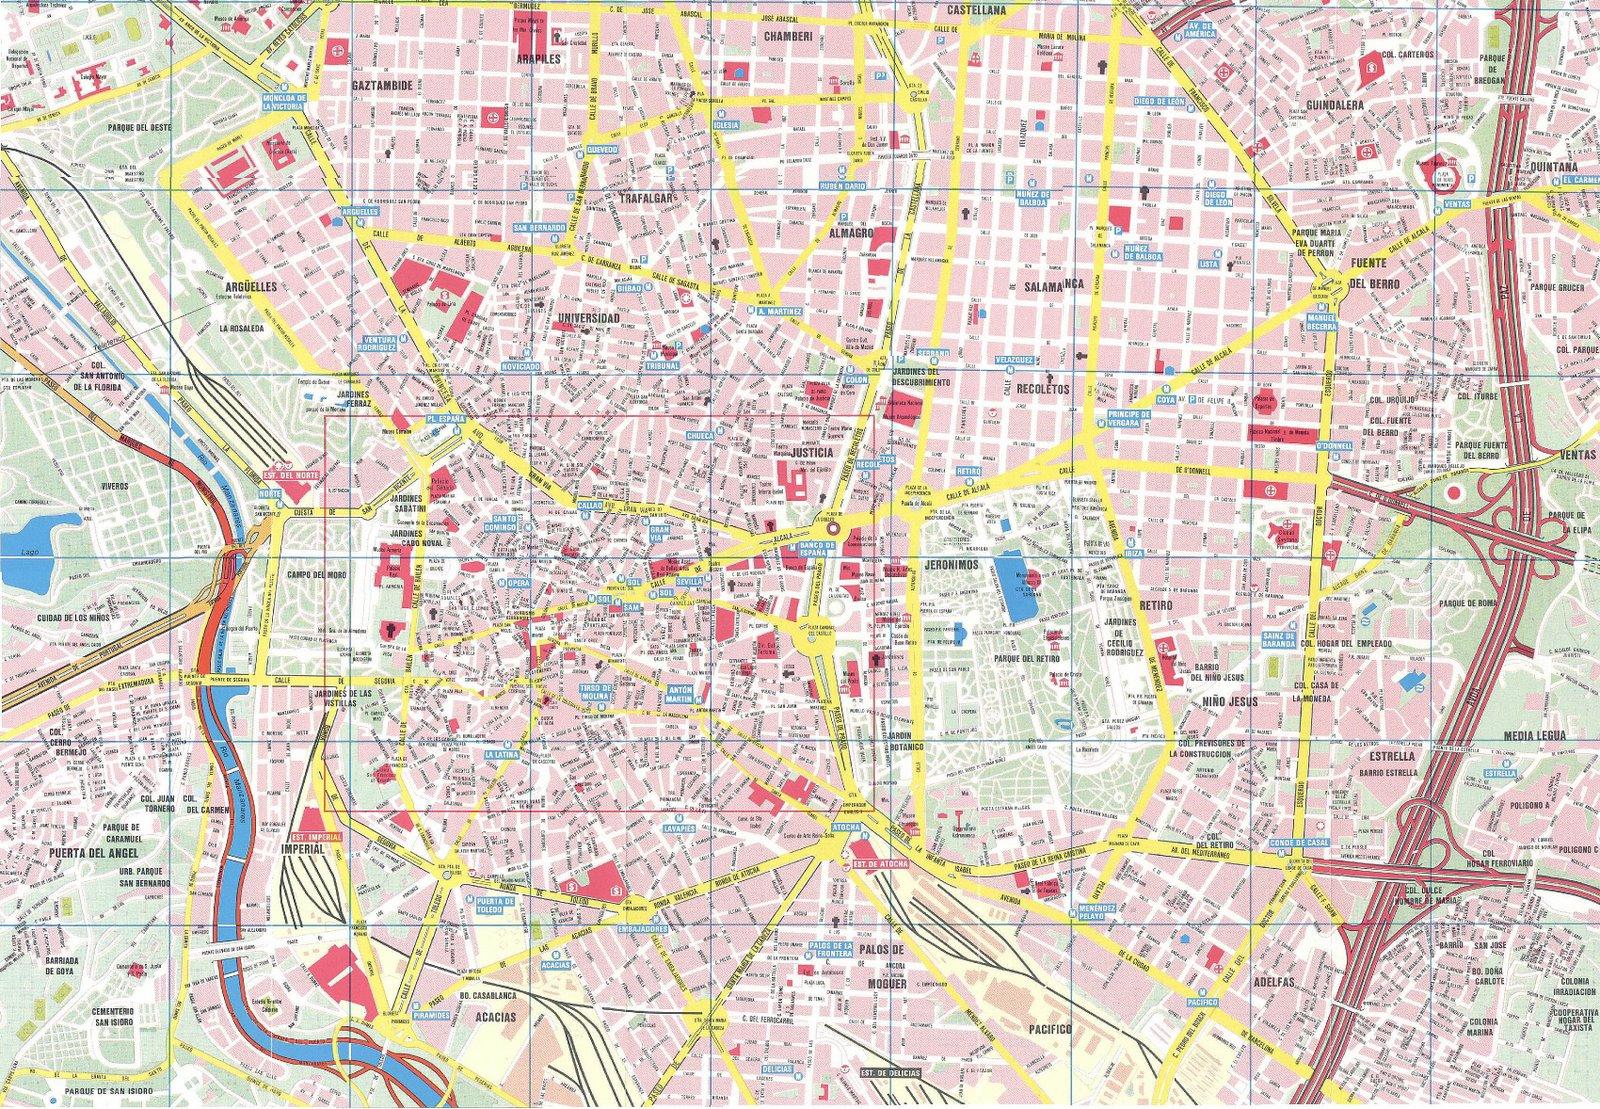 Madrid.jpg Madrid Map